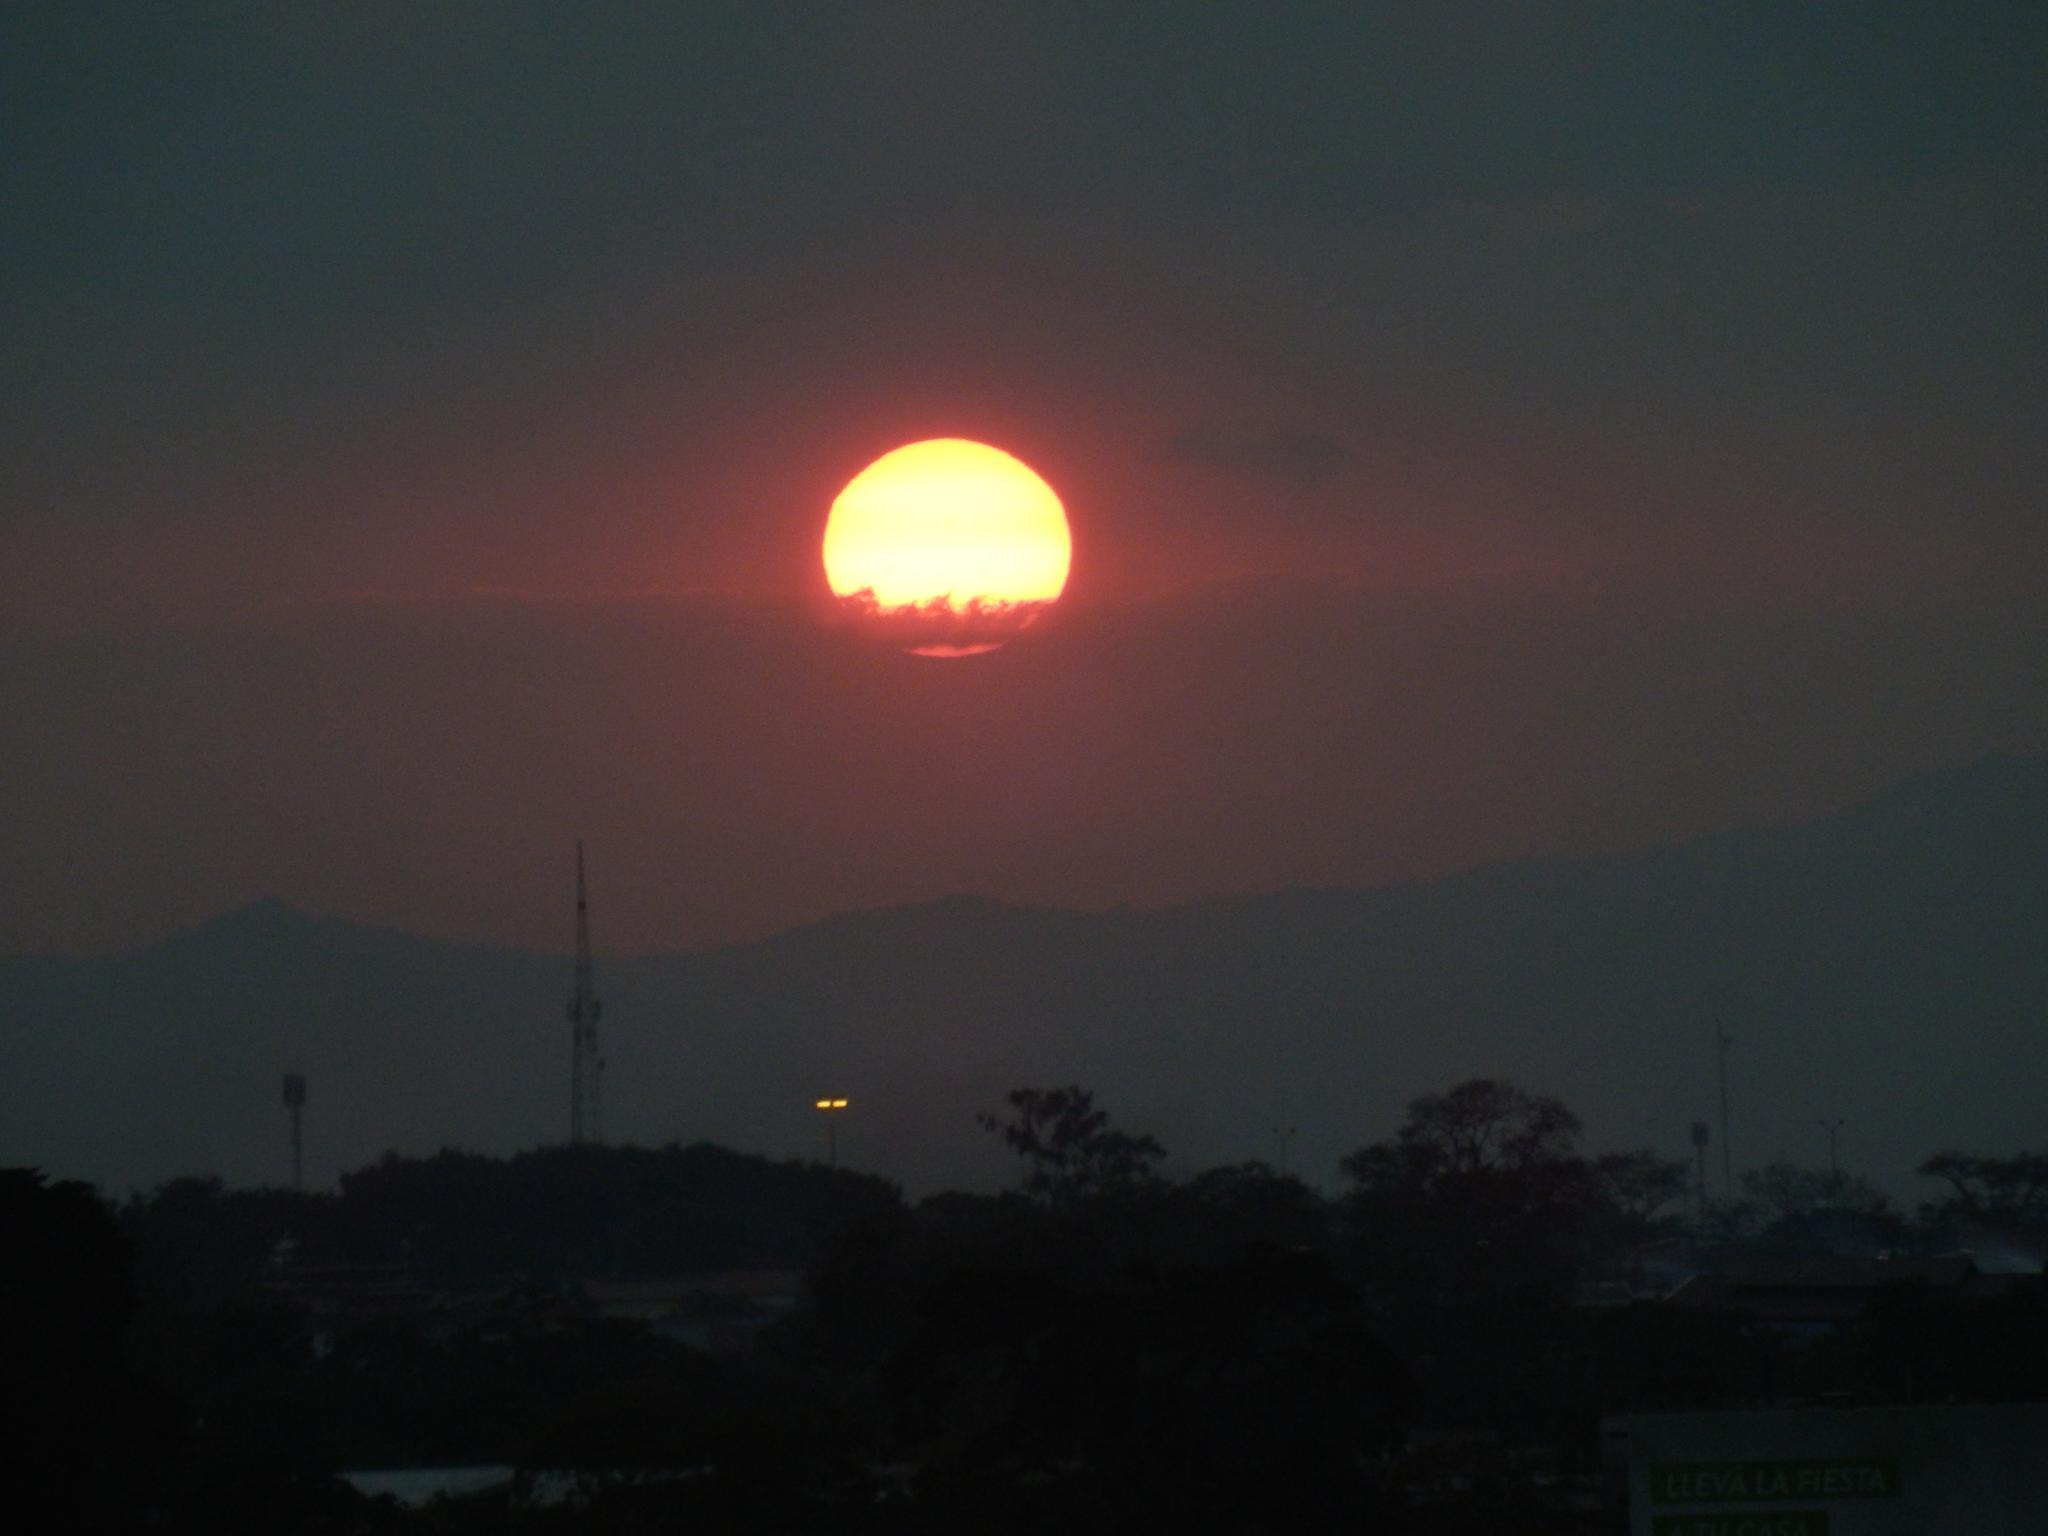 Cae el sol by KAMAQUECHI